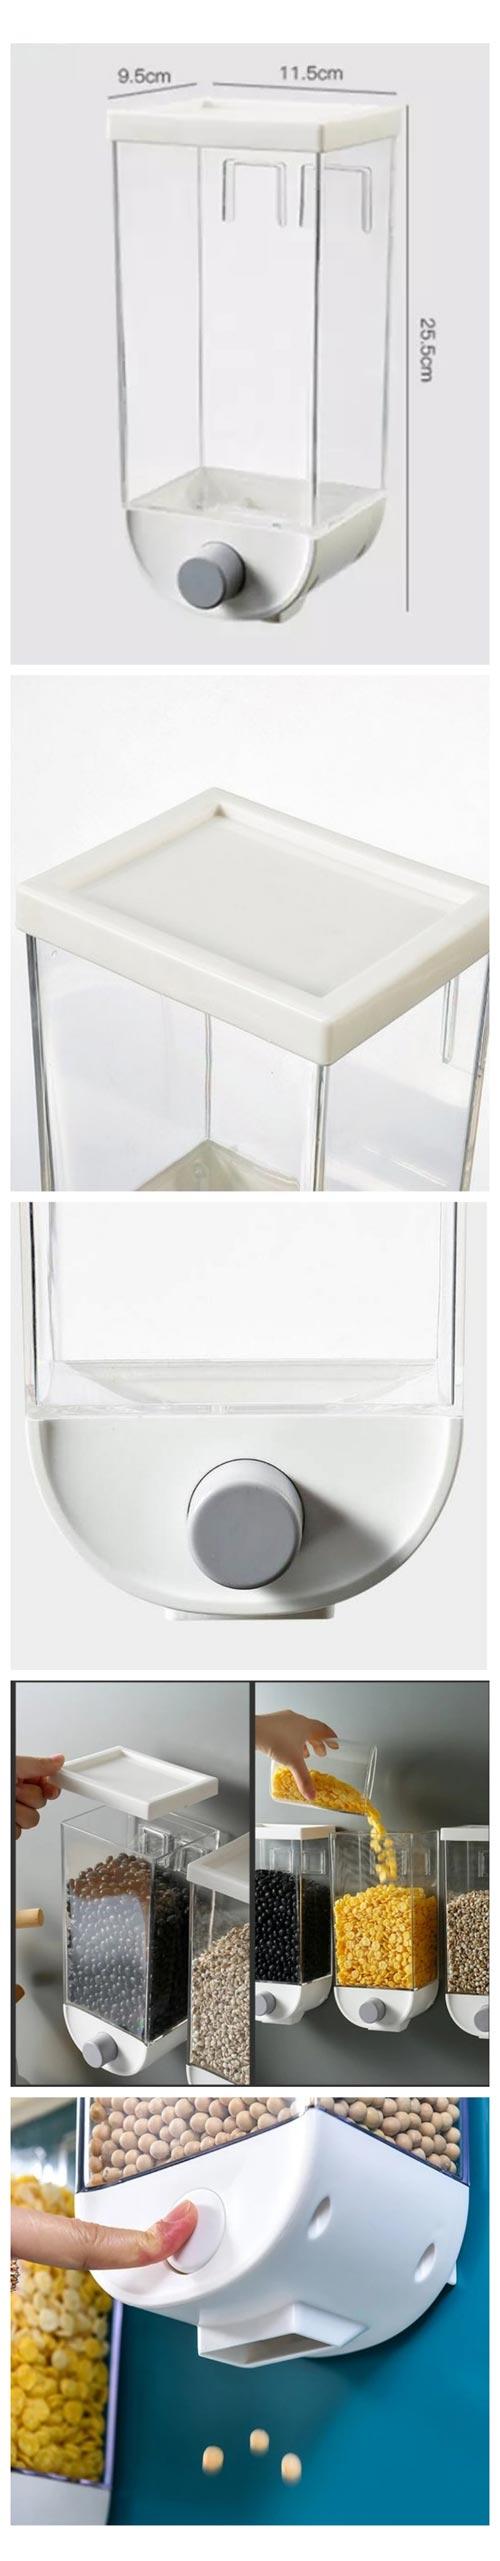 Best Grain Dispenser For The Kitchen